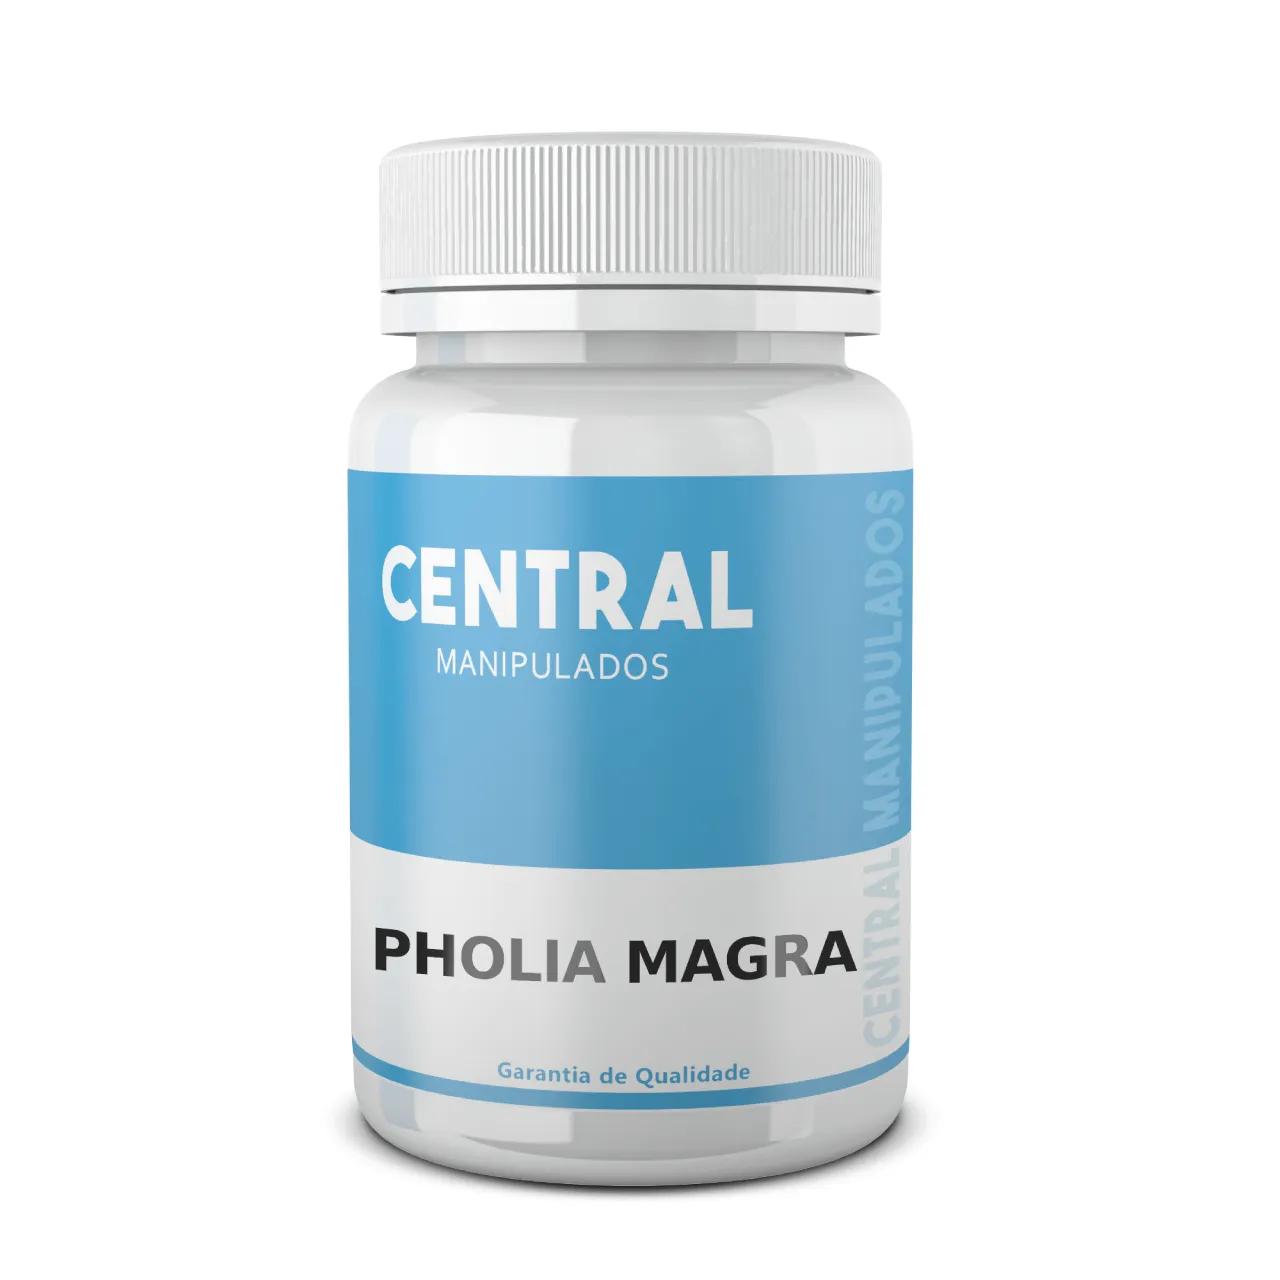 Pholia Magra 500mg 90 Cápsulas - Perda de Peso, Controle Apetite, Evita o inchaço e a Celulite